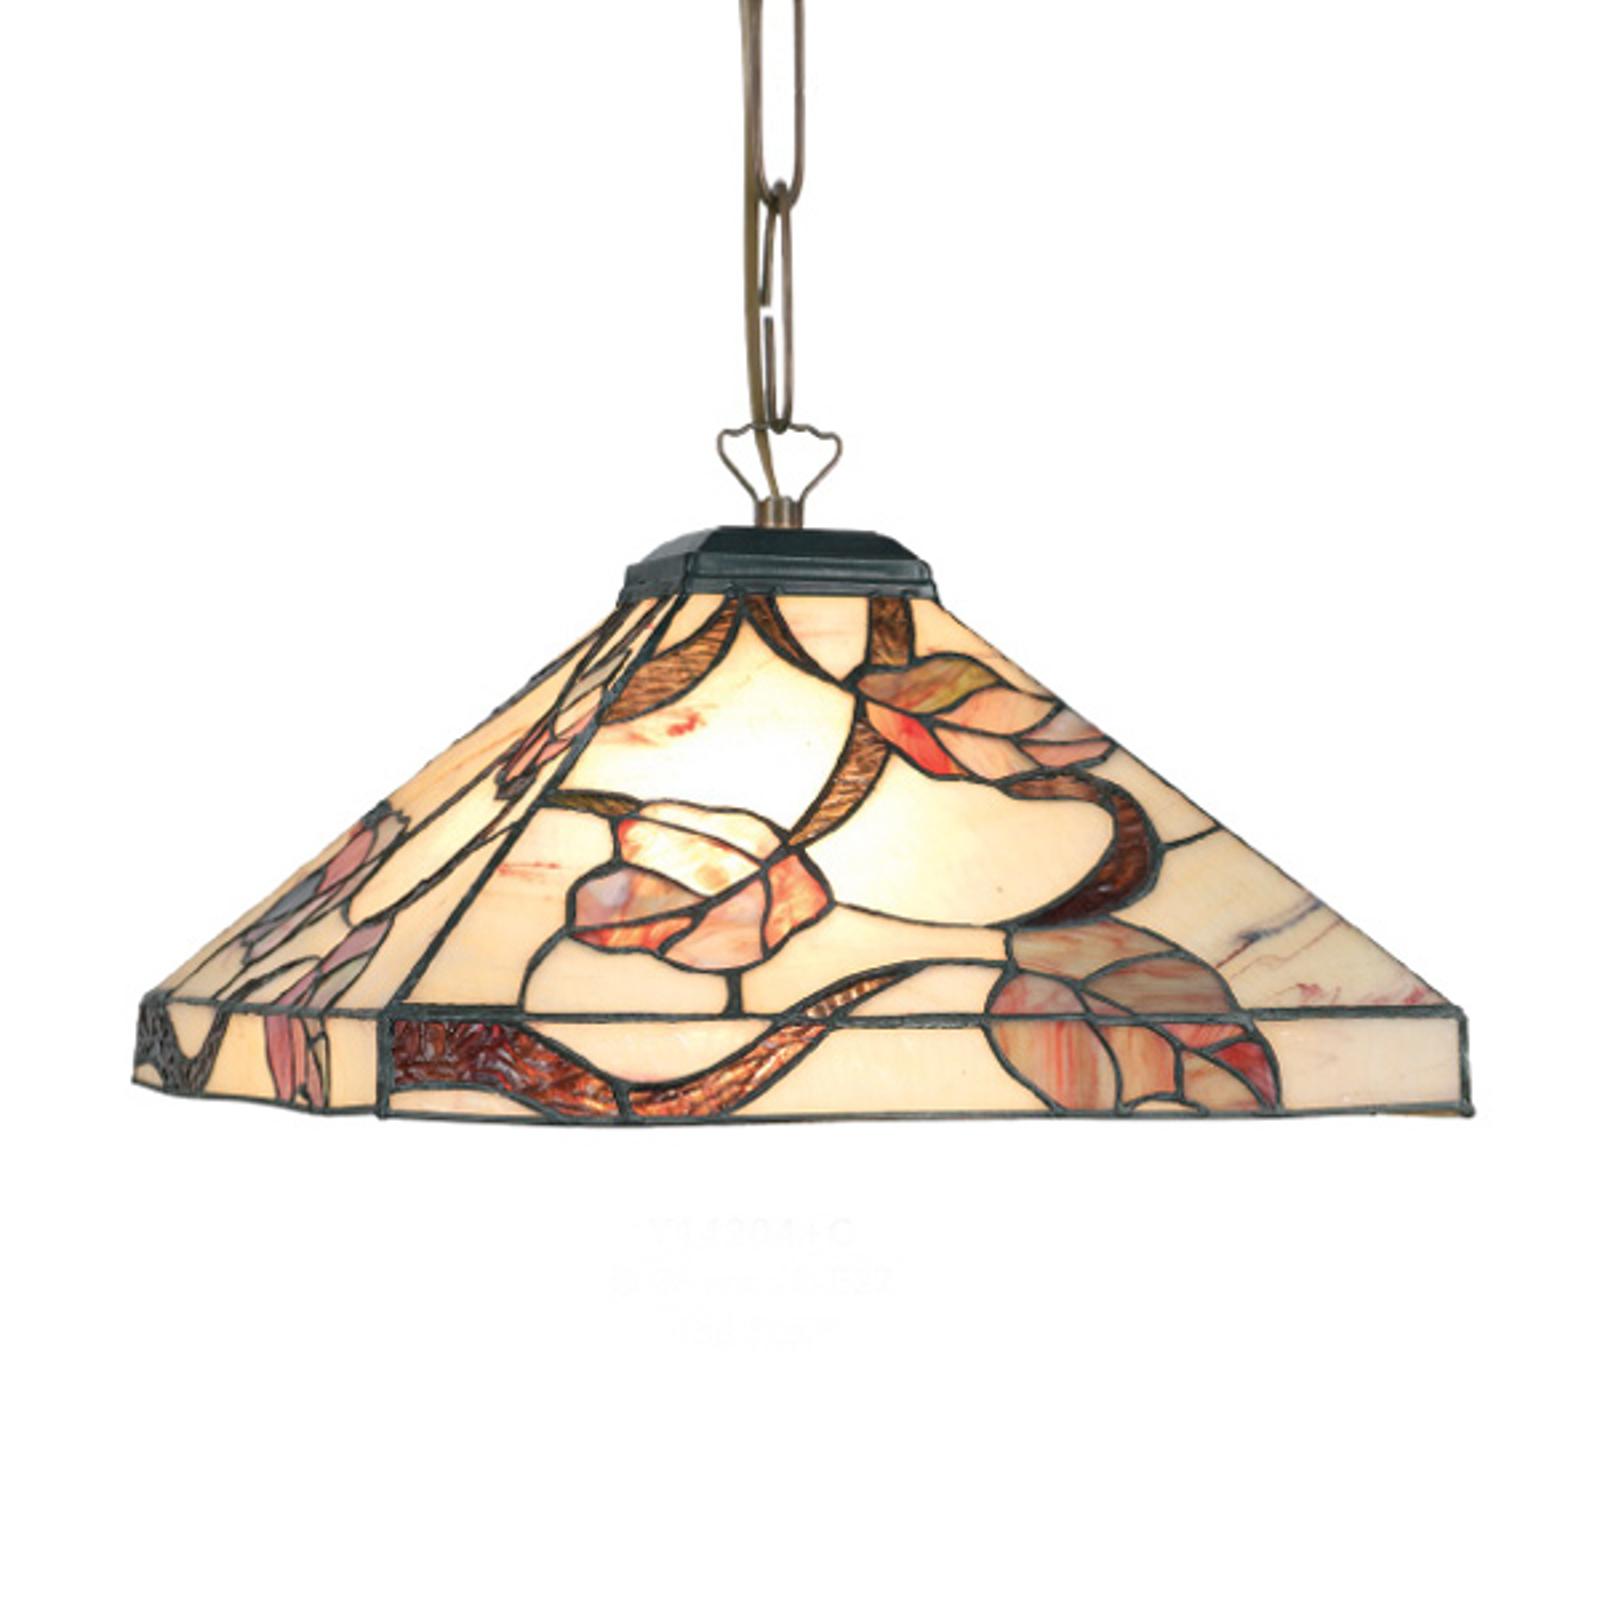 Appolonia lámpara colgante estilo Tiffany